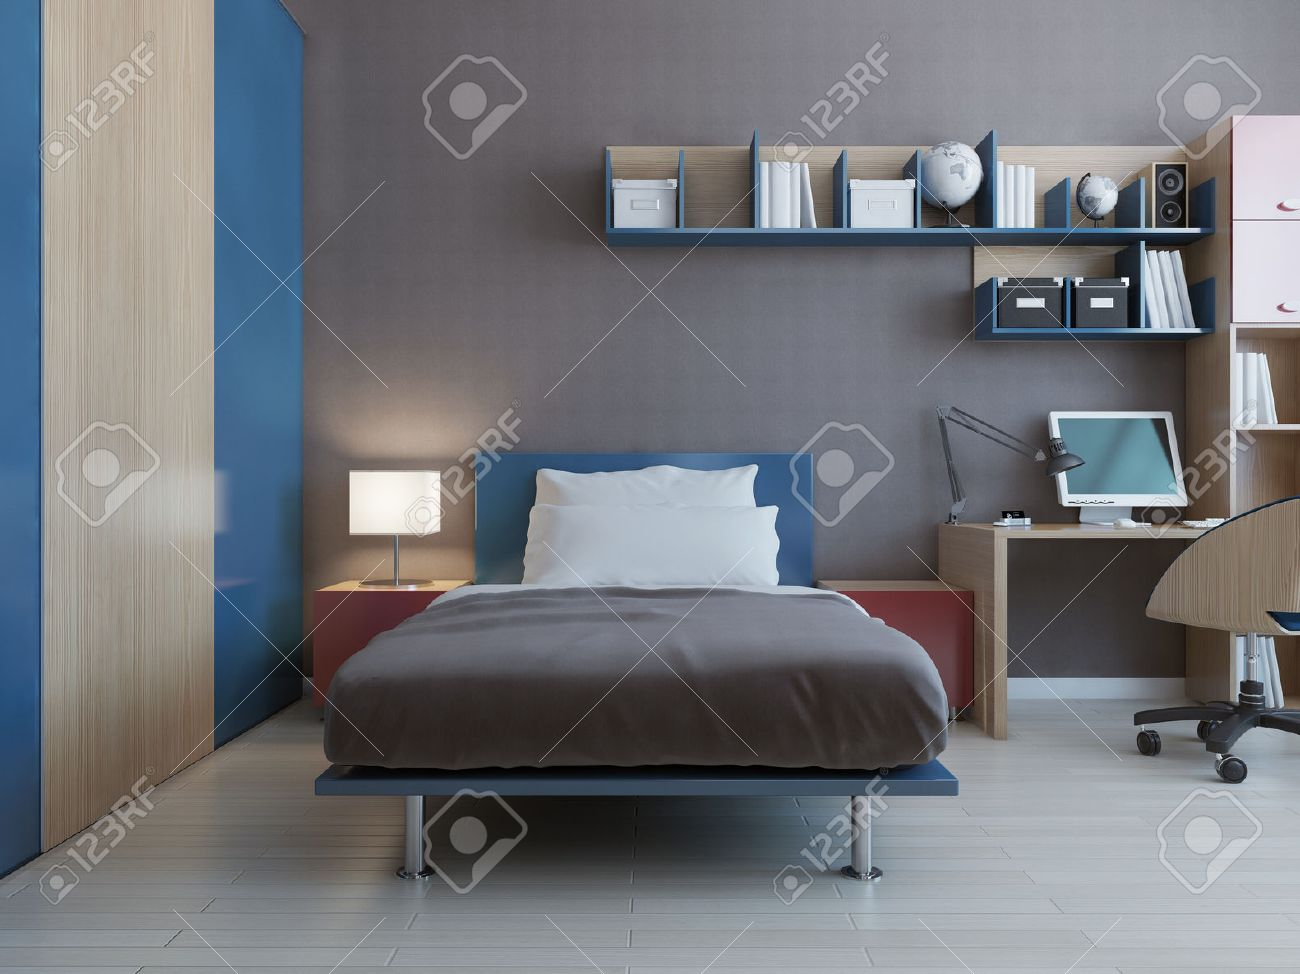 Adolescent Intérieur Chambre Avec Un Décor Bleu Et Rouge Et Murs ...